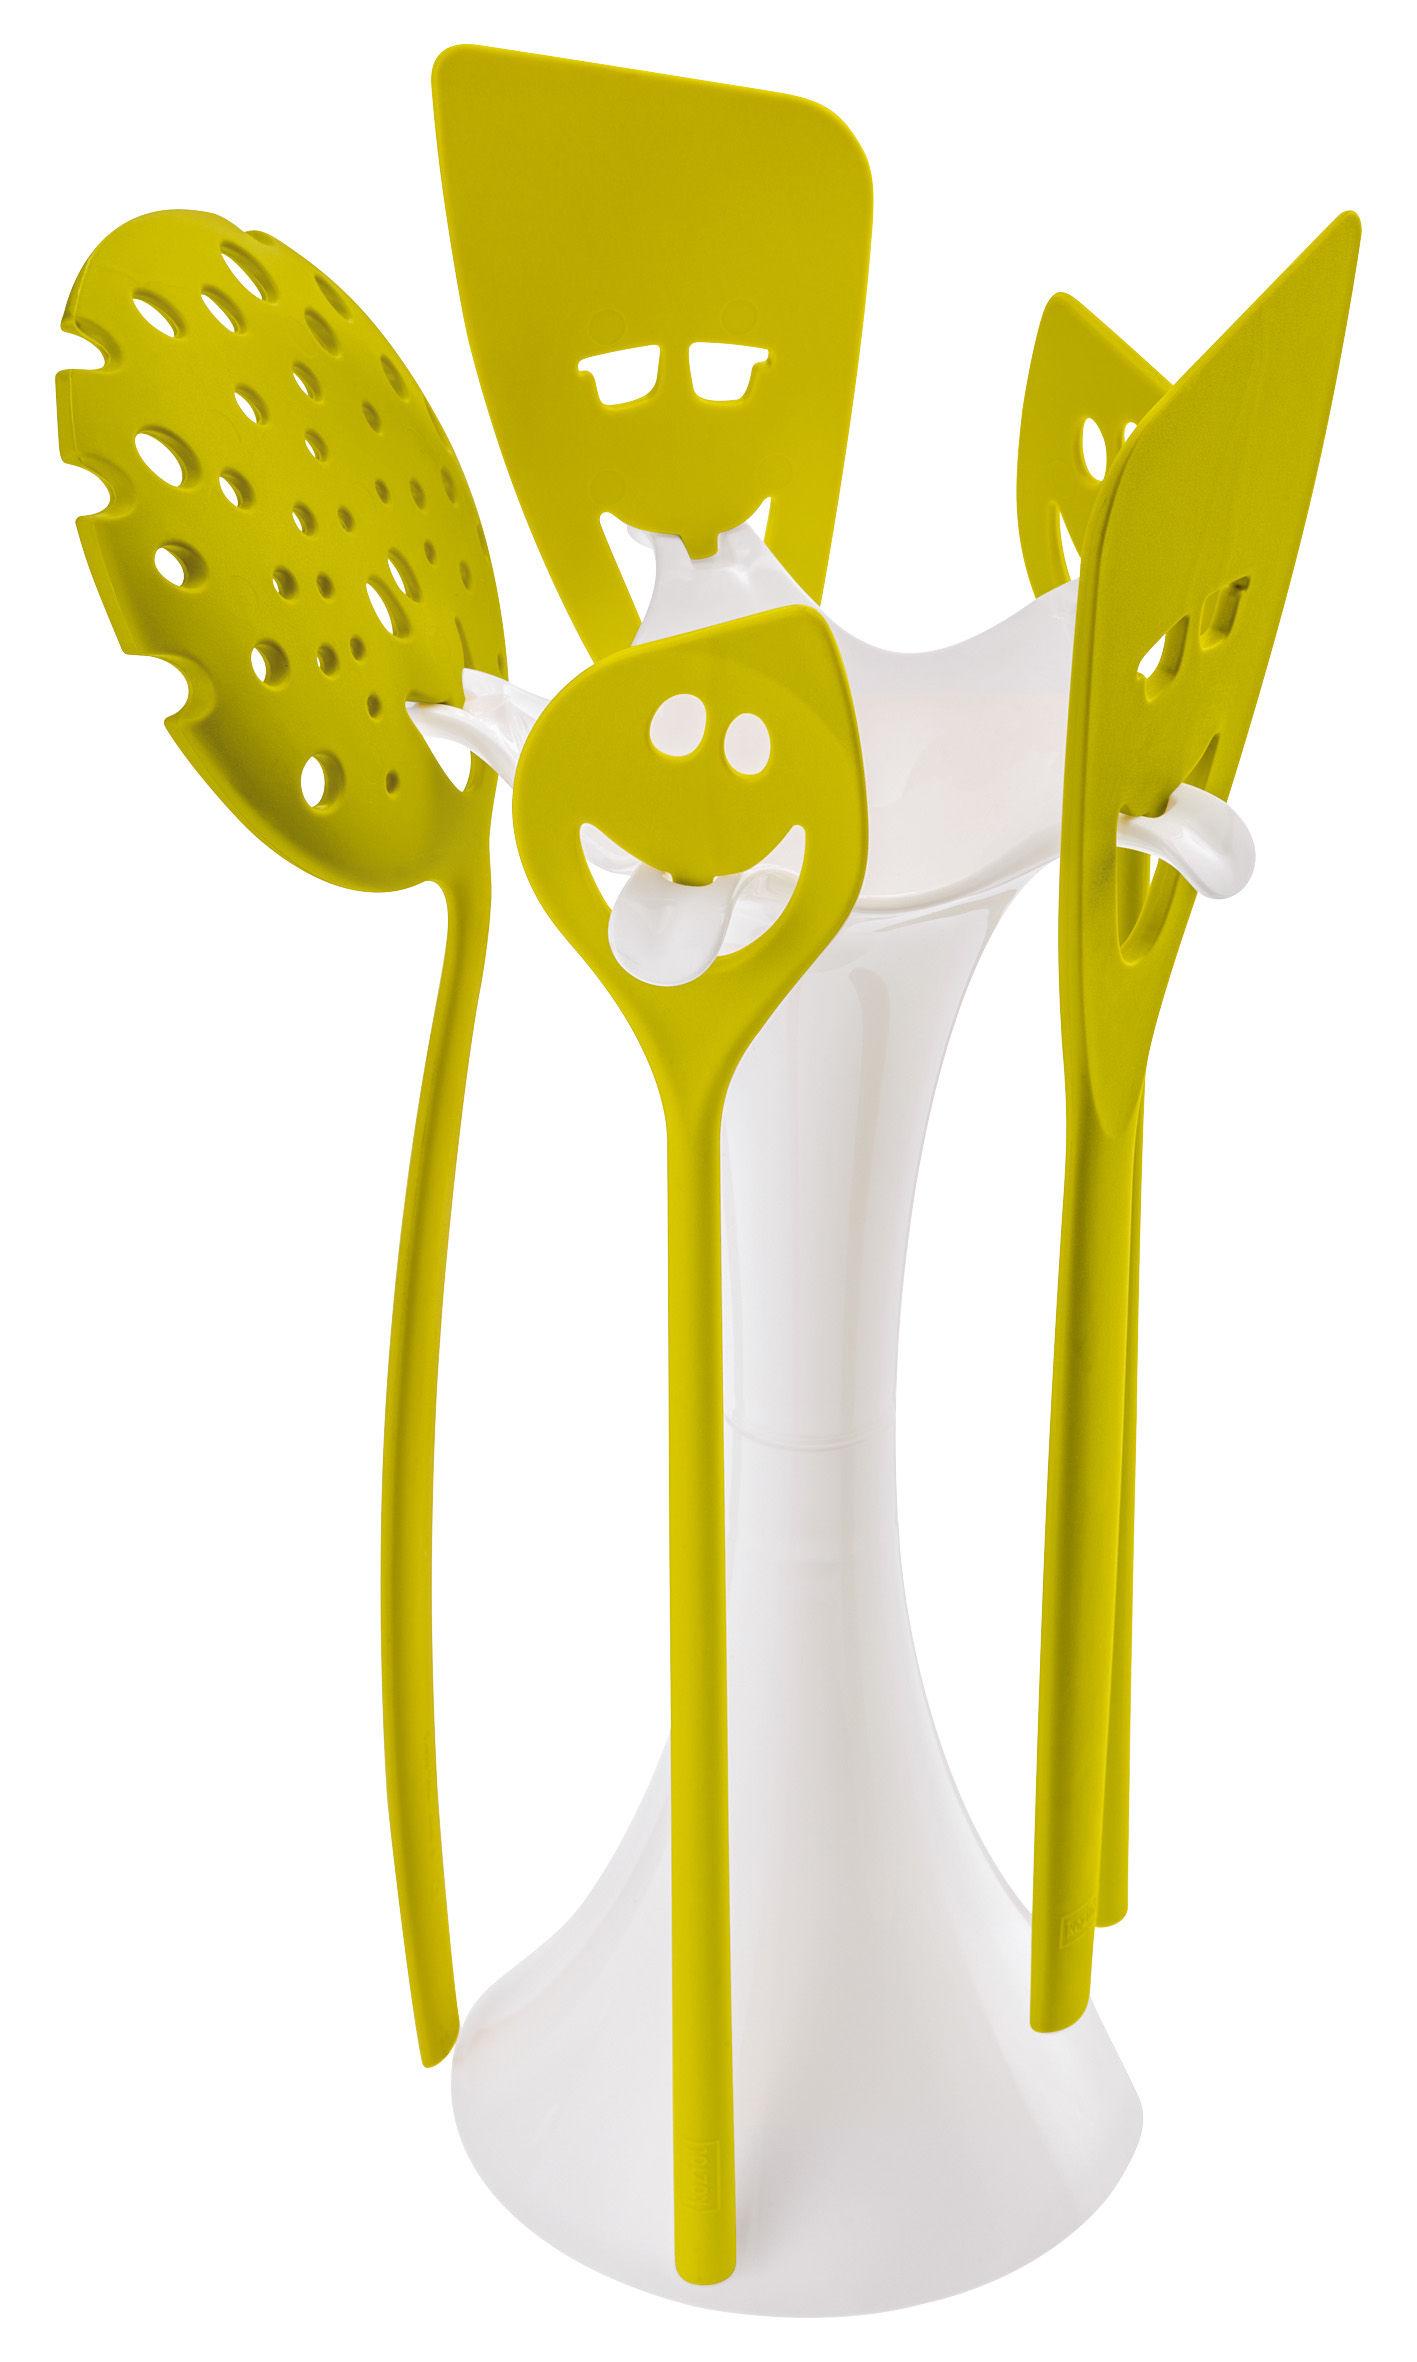 Cuisine - La cuisine s'amuse - Set ustensiles de cuisine Meeting point / 5 pièces + support - Koziol - Blanc opaque / vert moutarde - PMMA